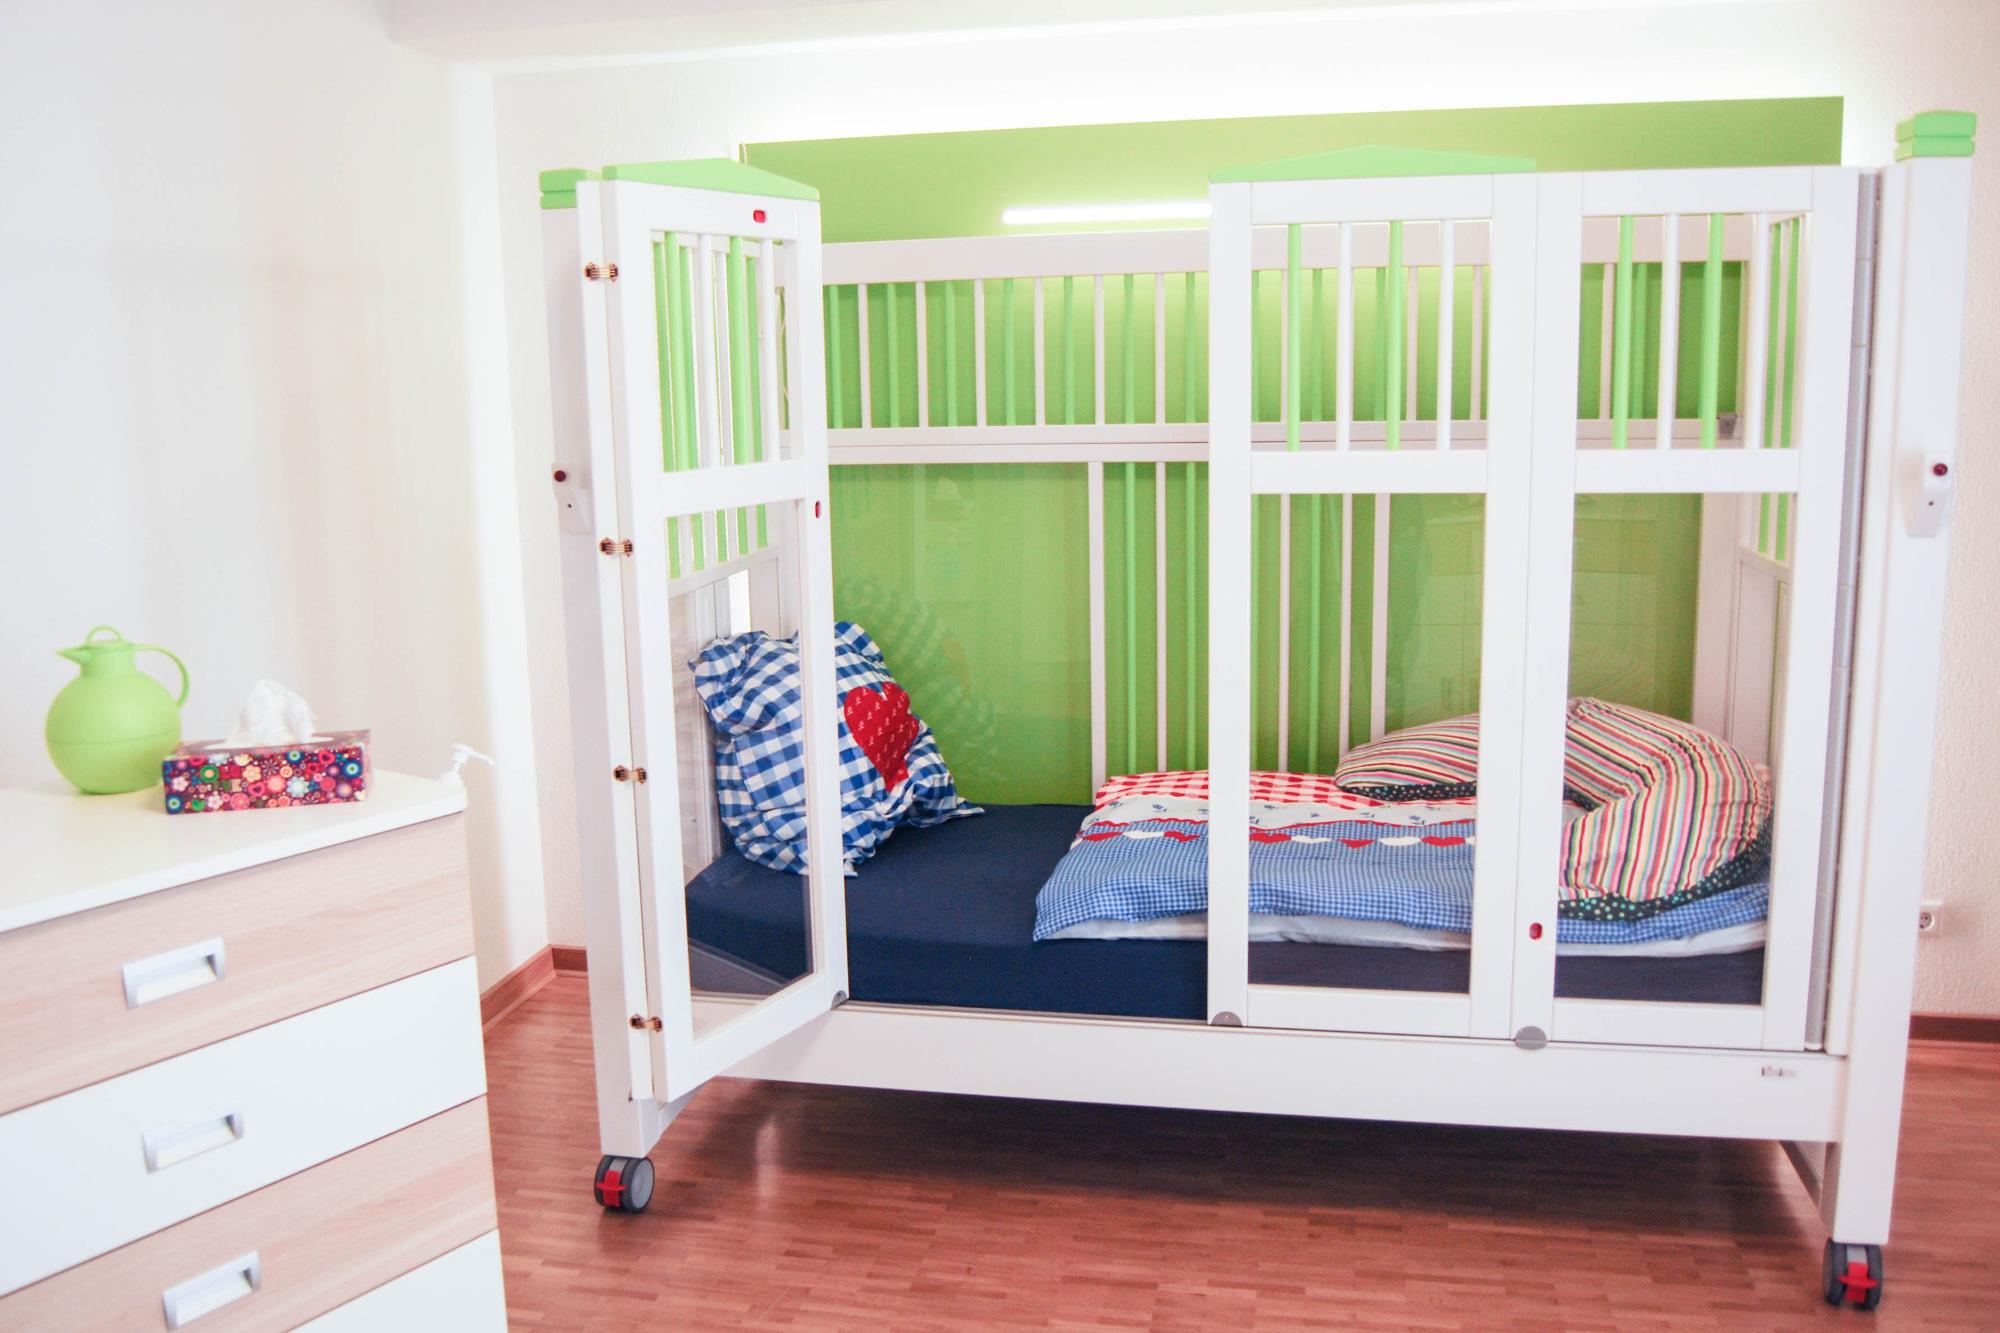 kinder jugendzimmer video berwachung kinderhospiz. Black Bedroom Furniture Sets. Home Design Ideas